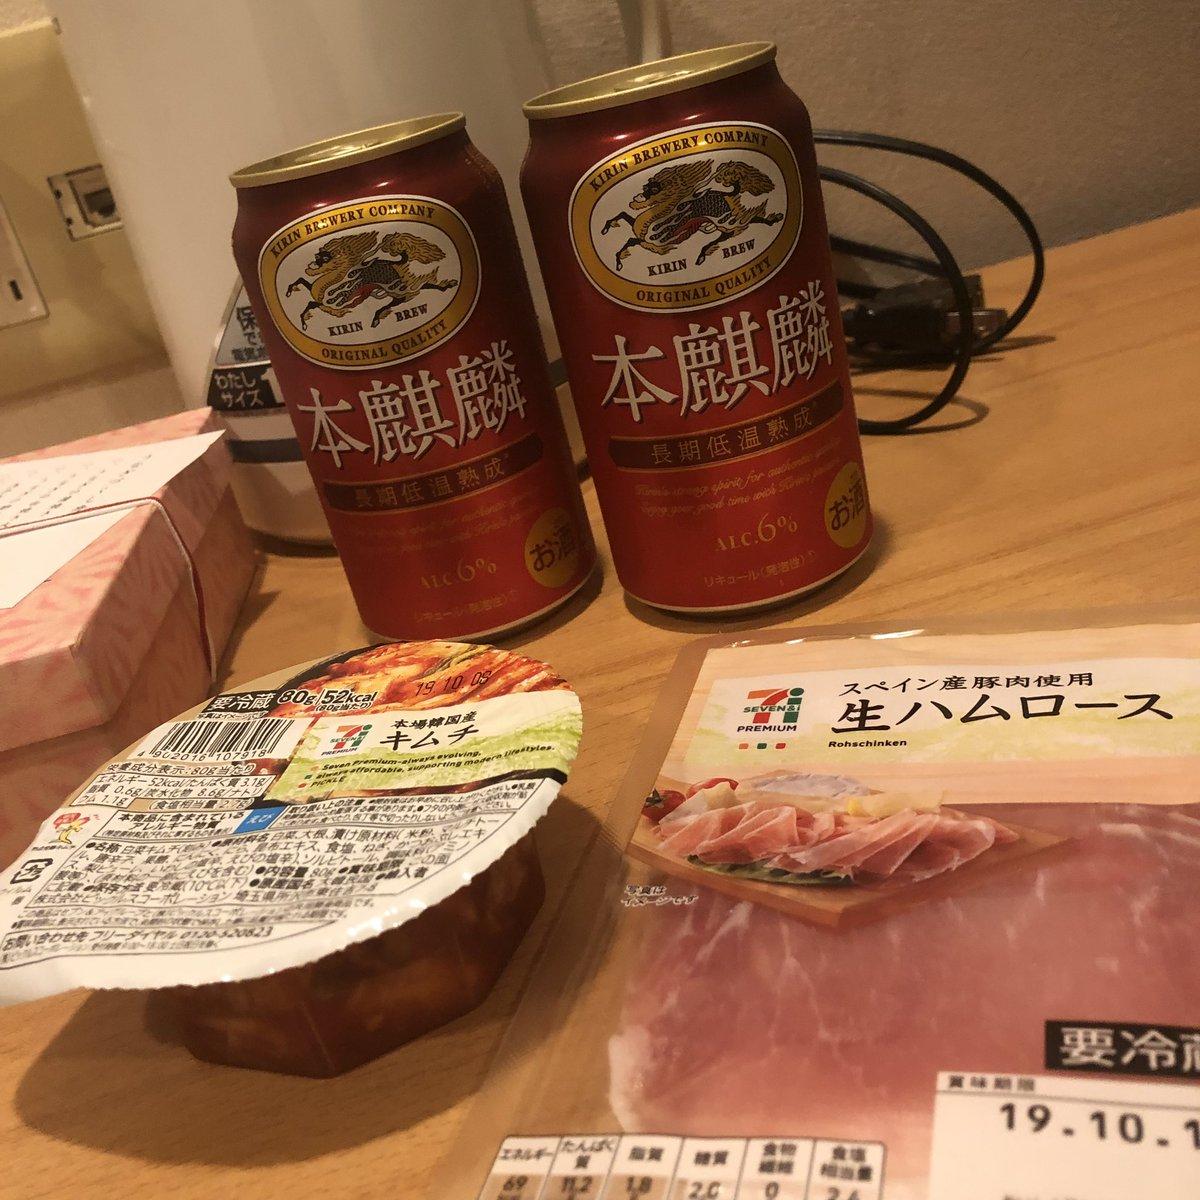 すいません、松江市のホテルに到着して早々に、またカッコつけてます。底コスパでカッコつけてることをここに謝罪させてください。